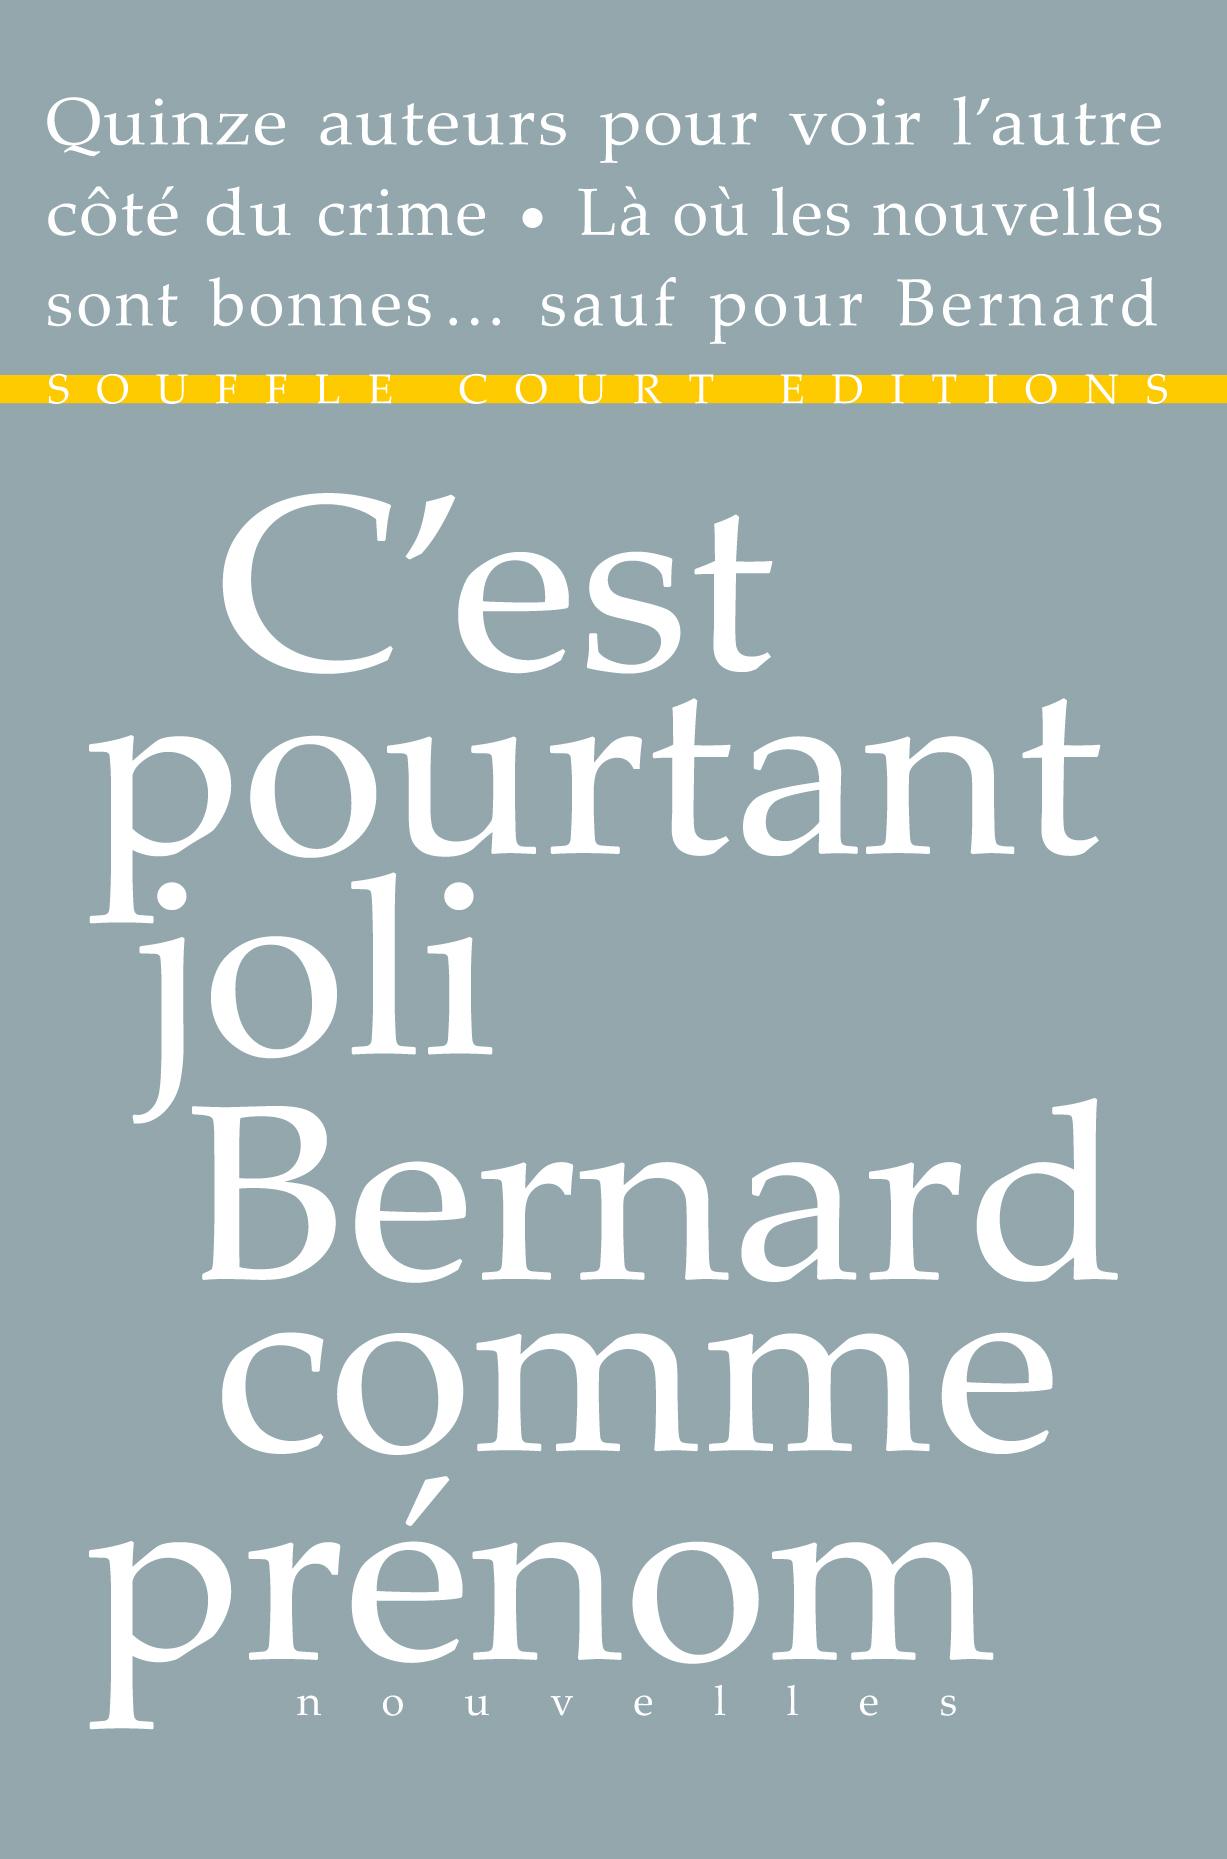 C'est pourtant joli Bernard comme prénom